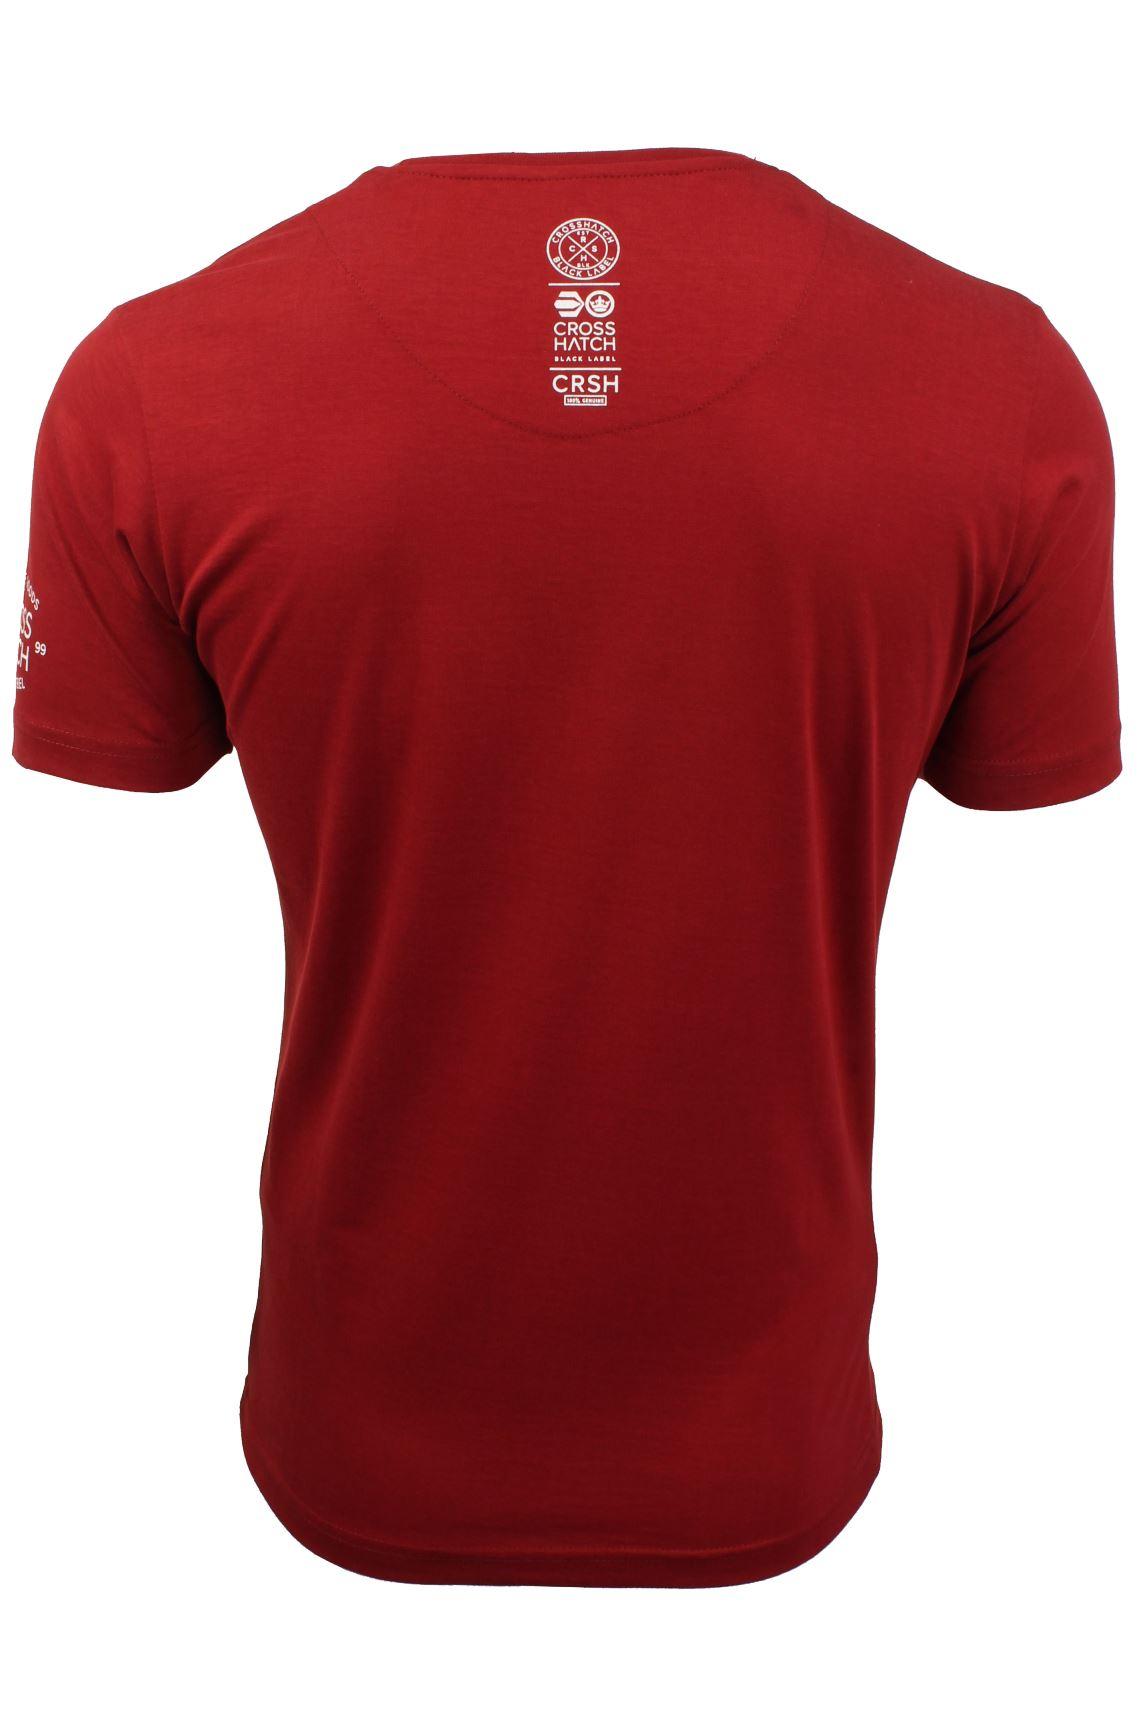 Homme T-shirt à encolure ras-du-cou par Crosshatch 'Pendelton